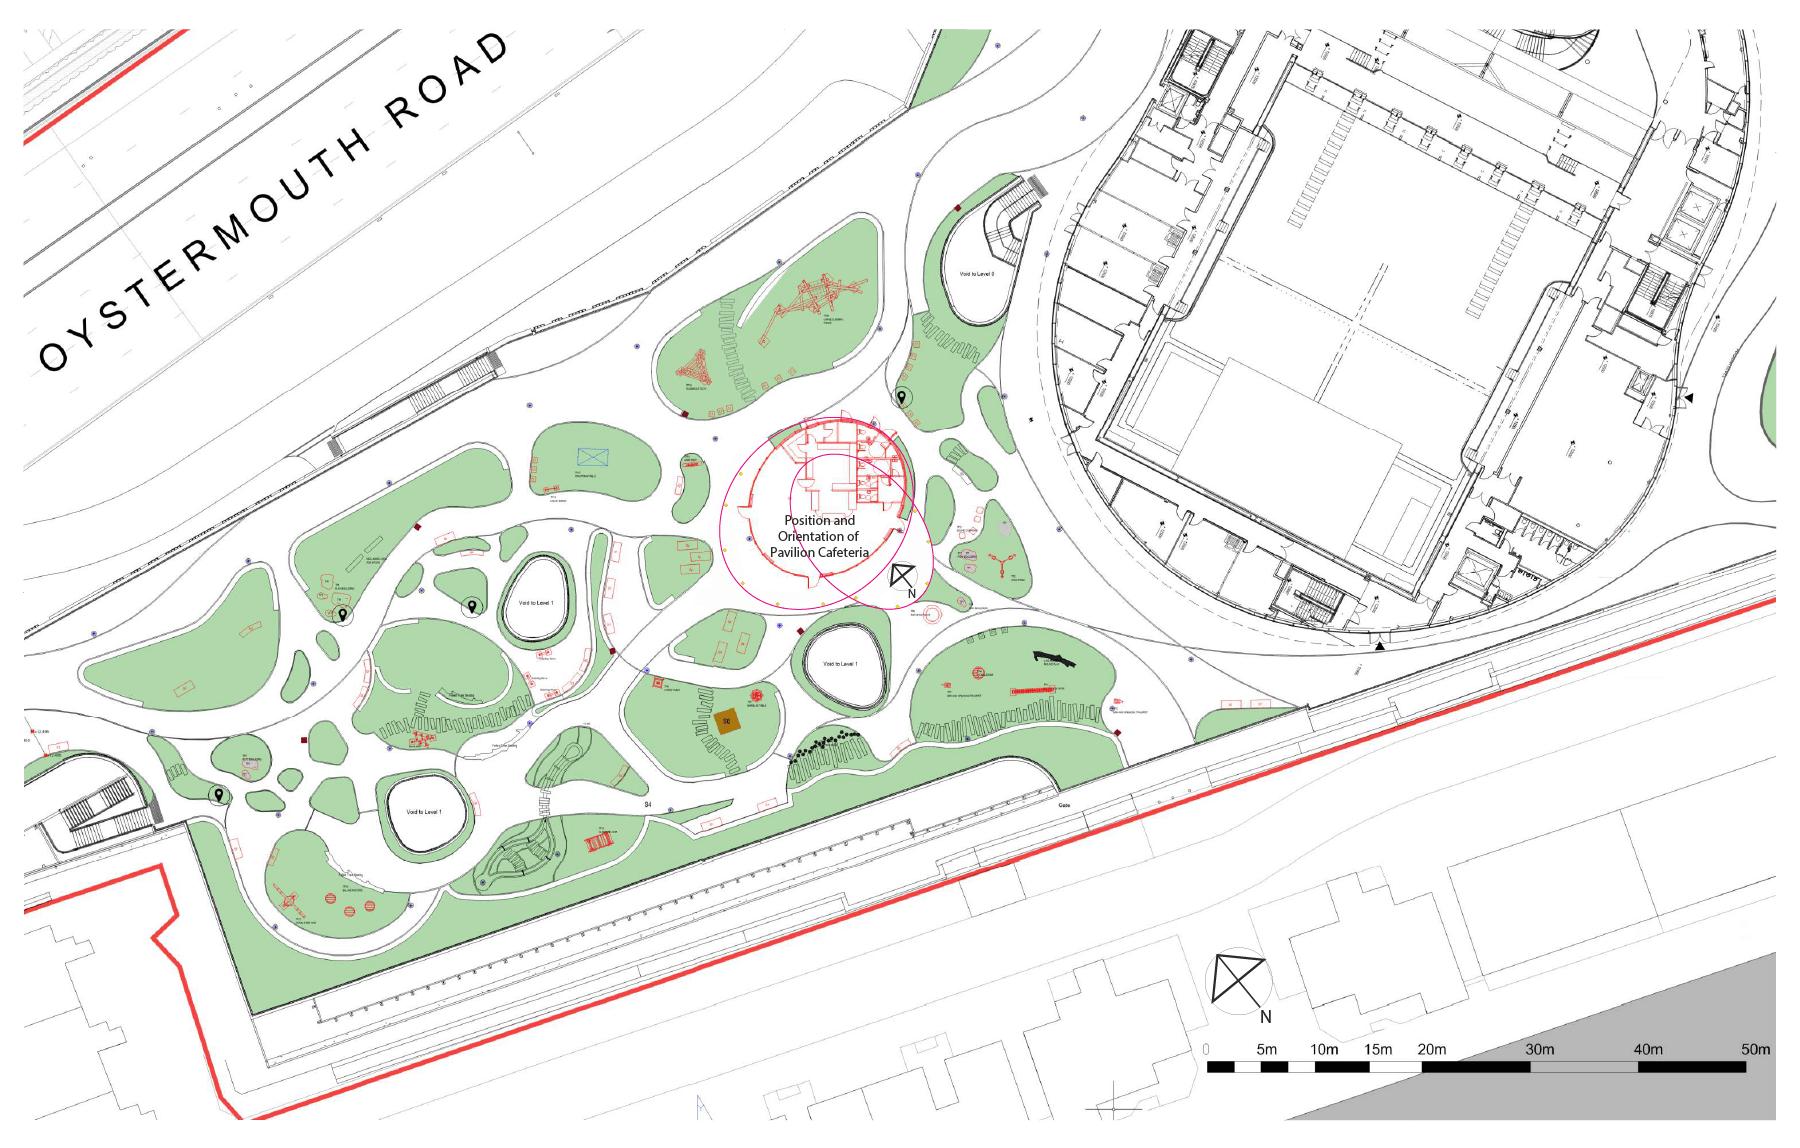 Pavilion landscape plan